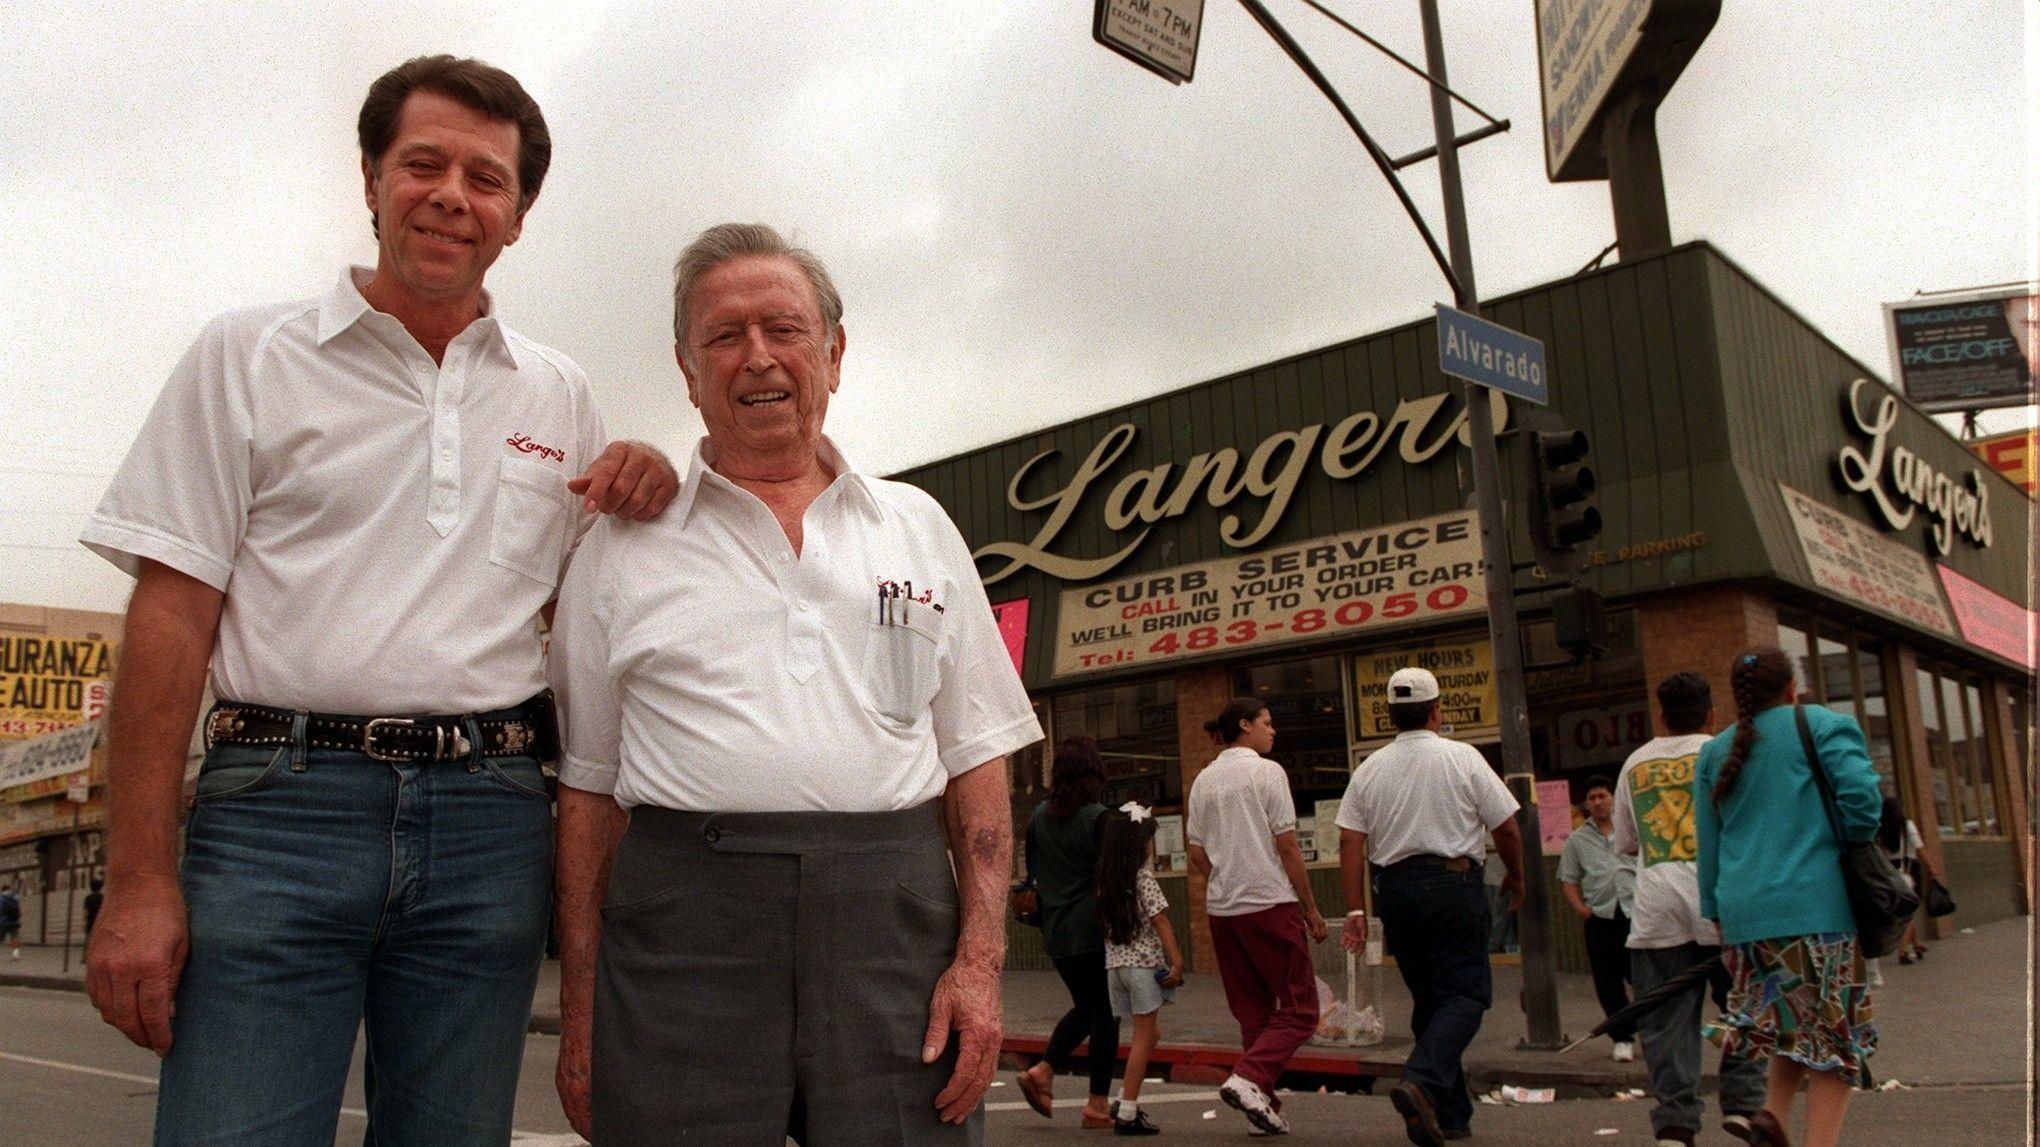 Norm Langer, left, with father Al Langer in front of Langer's Deli in 1997.